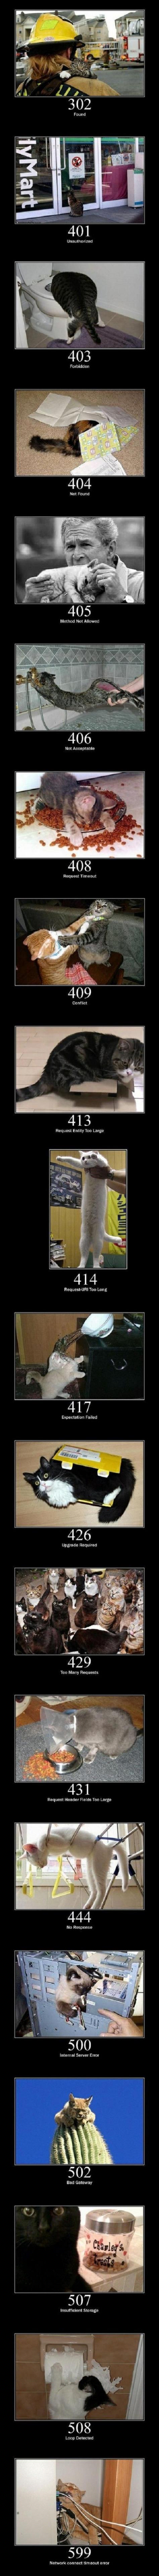 Cat Errors